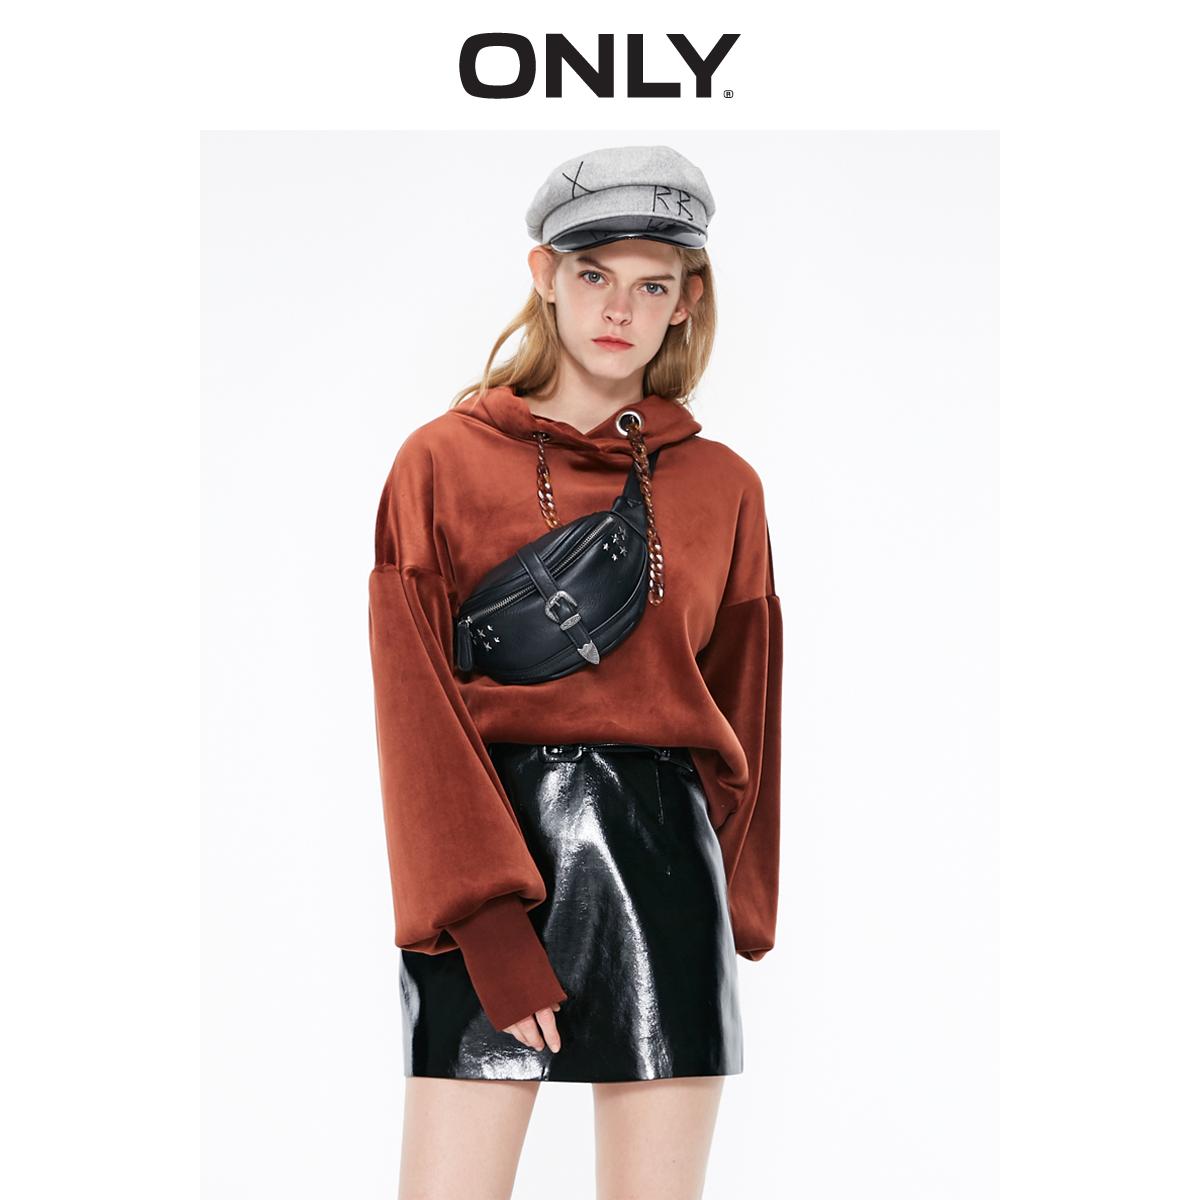 ONLY2019冬季新款纯色复古丝绒宽松连帽圆领套头卫衣女|11919S522